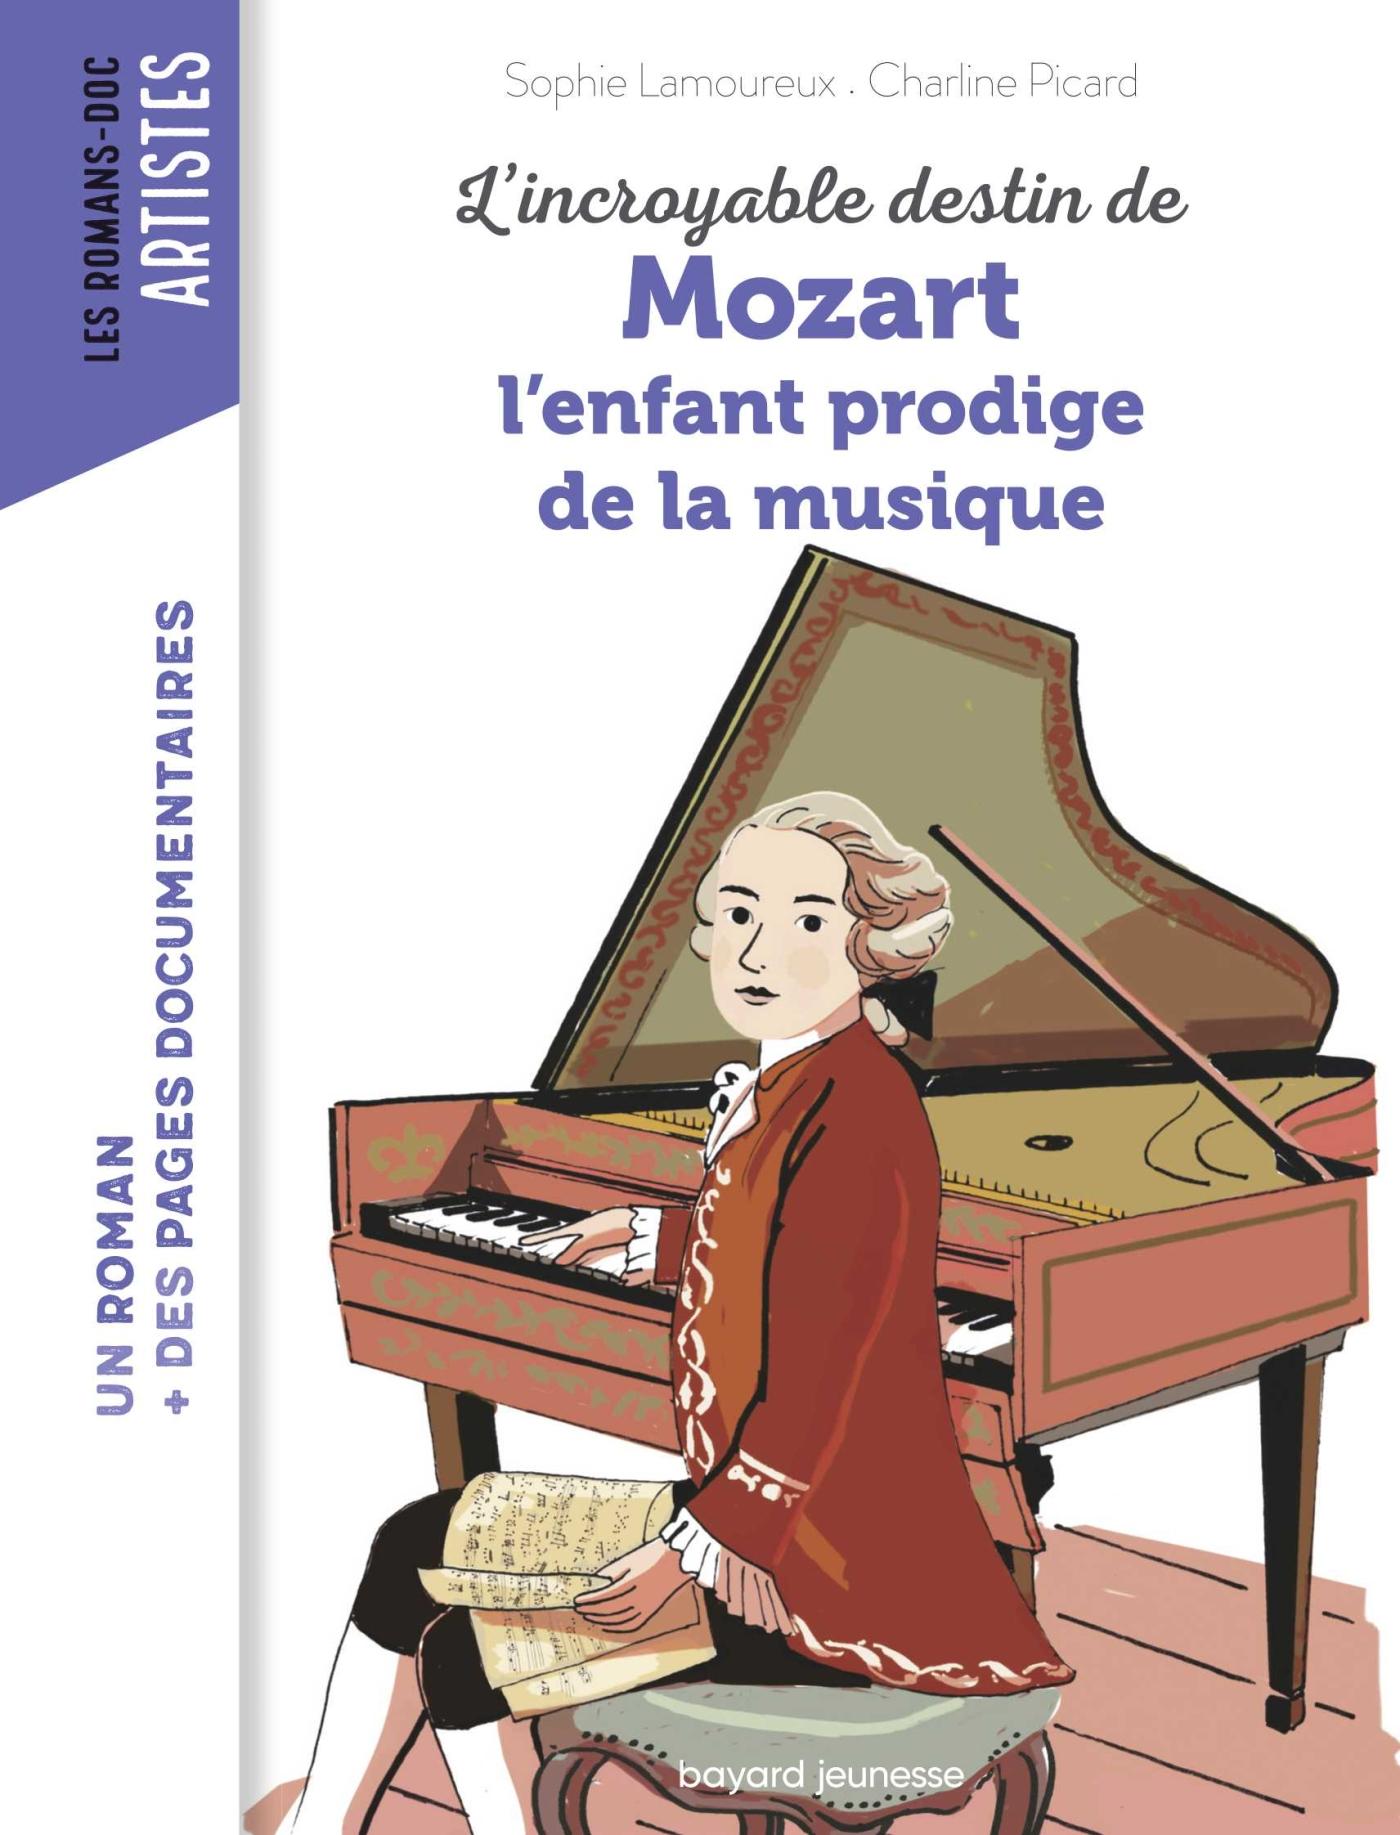 L'incroyable destin de Mozart, l'enfant prodige de la musique | Lamoureux, Sophie. Auteur